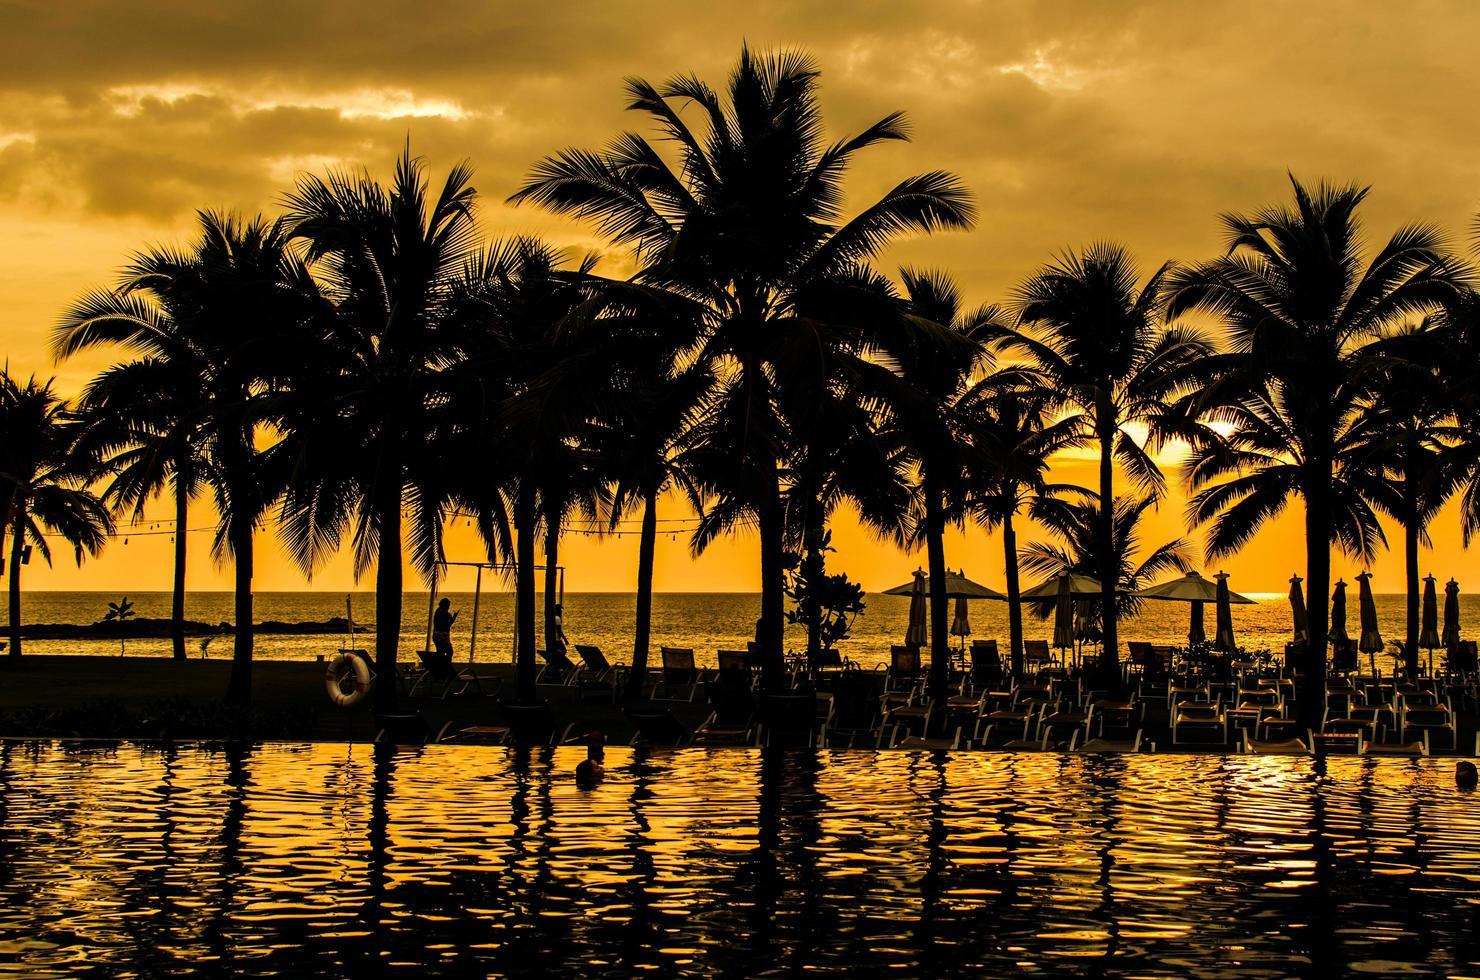 palmbomen silhouetten foto